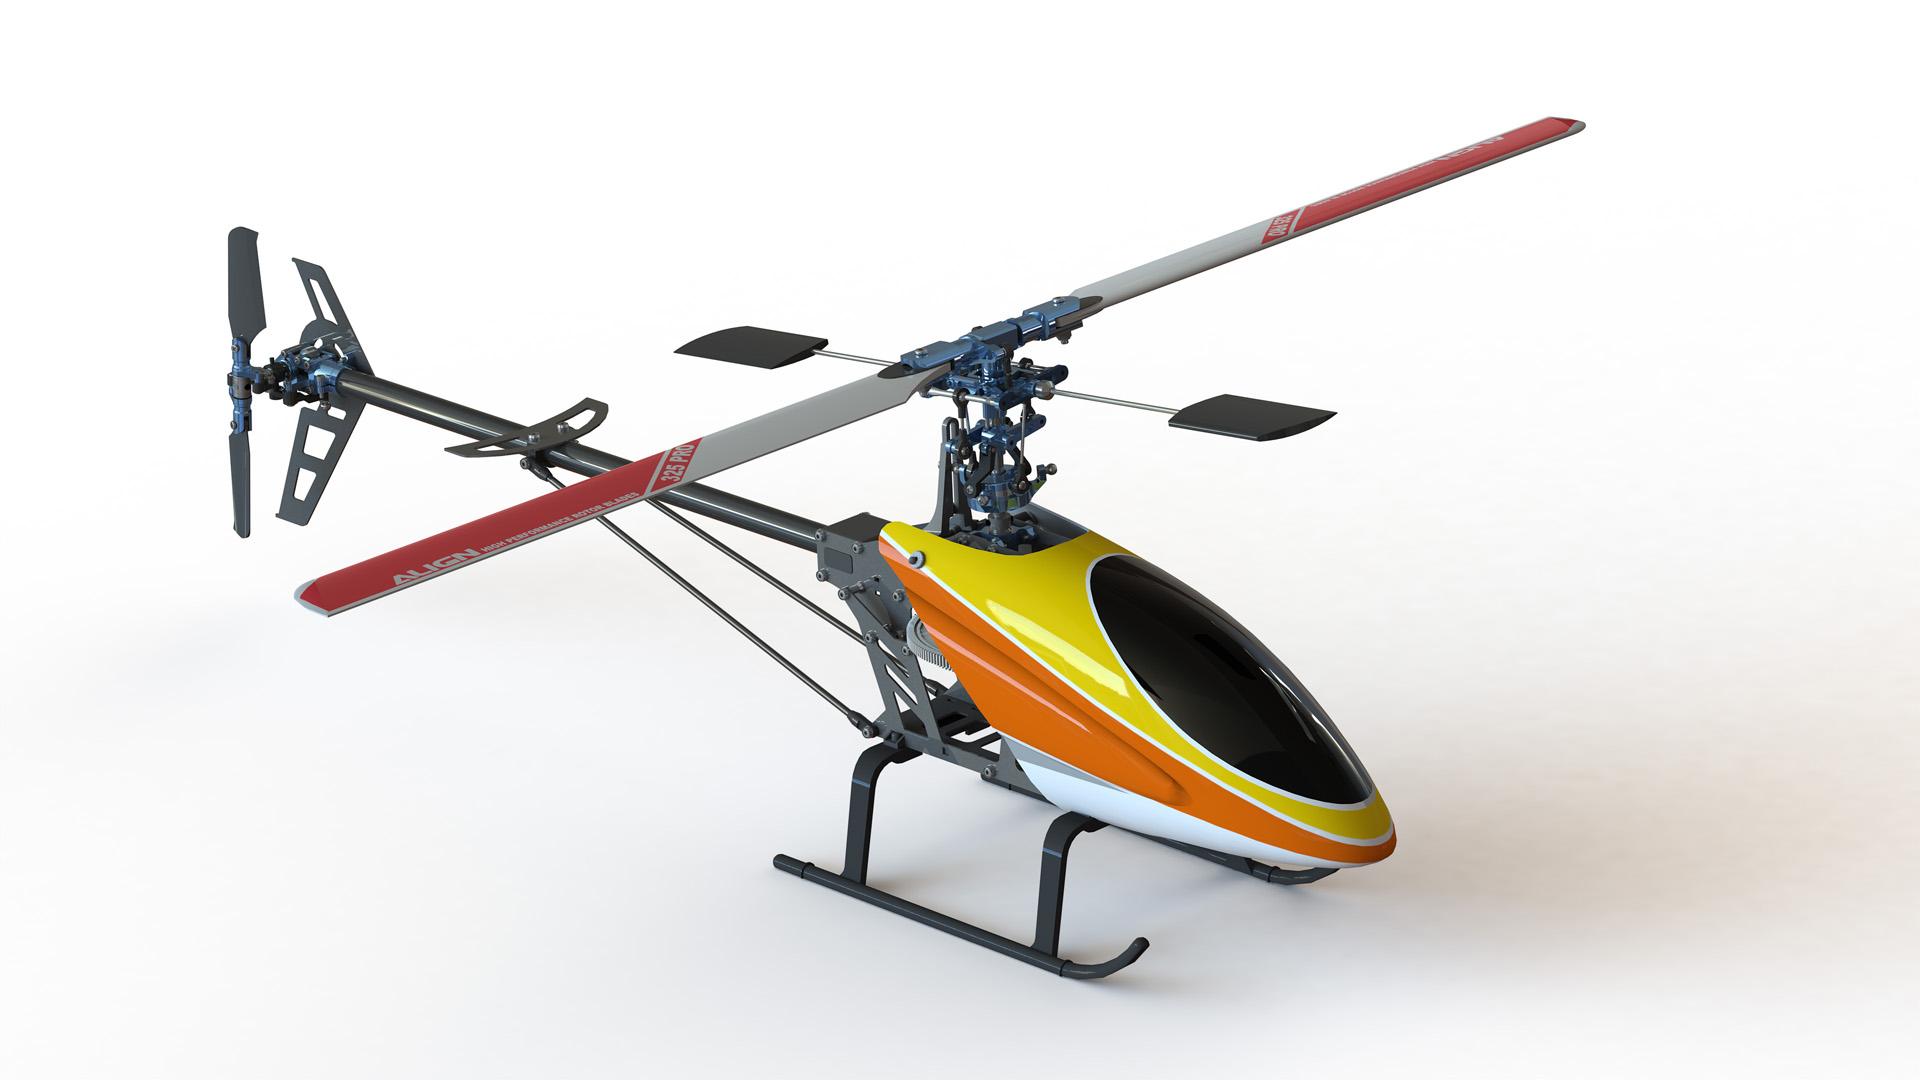 玩具直升机_玩具直升机图纸_玩具直升机图纸_淘宝助理